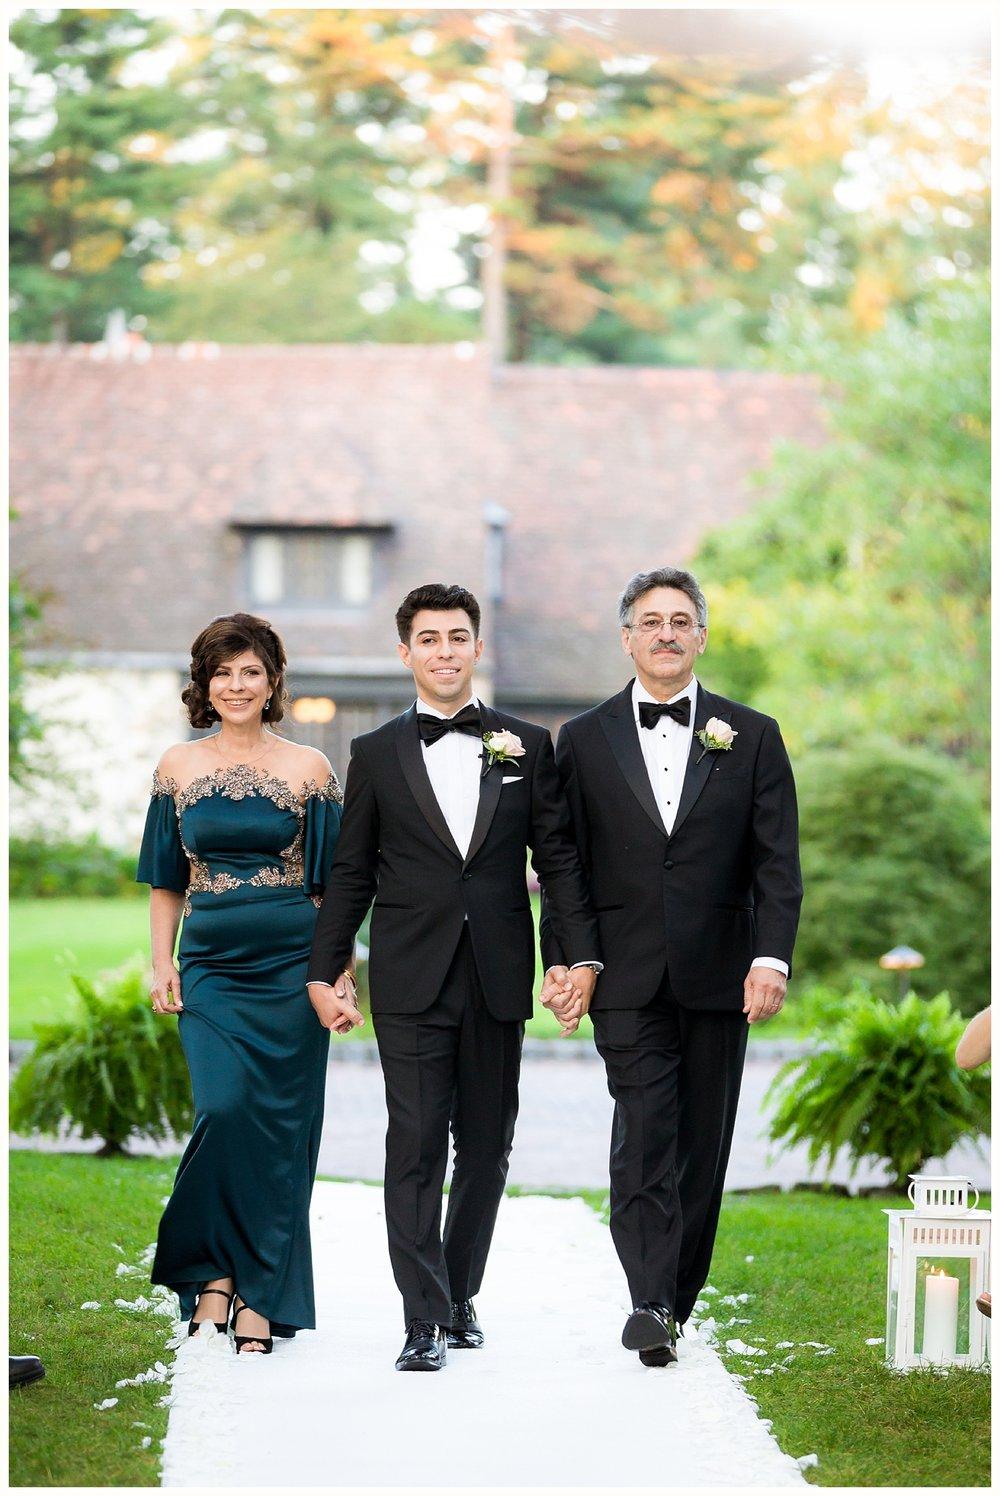 Pleasantdale Chateau Wedding NJ Wedding NYC Wedding Photographer_0033.jpg